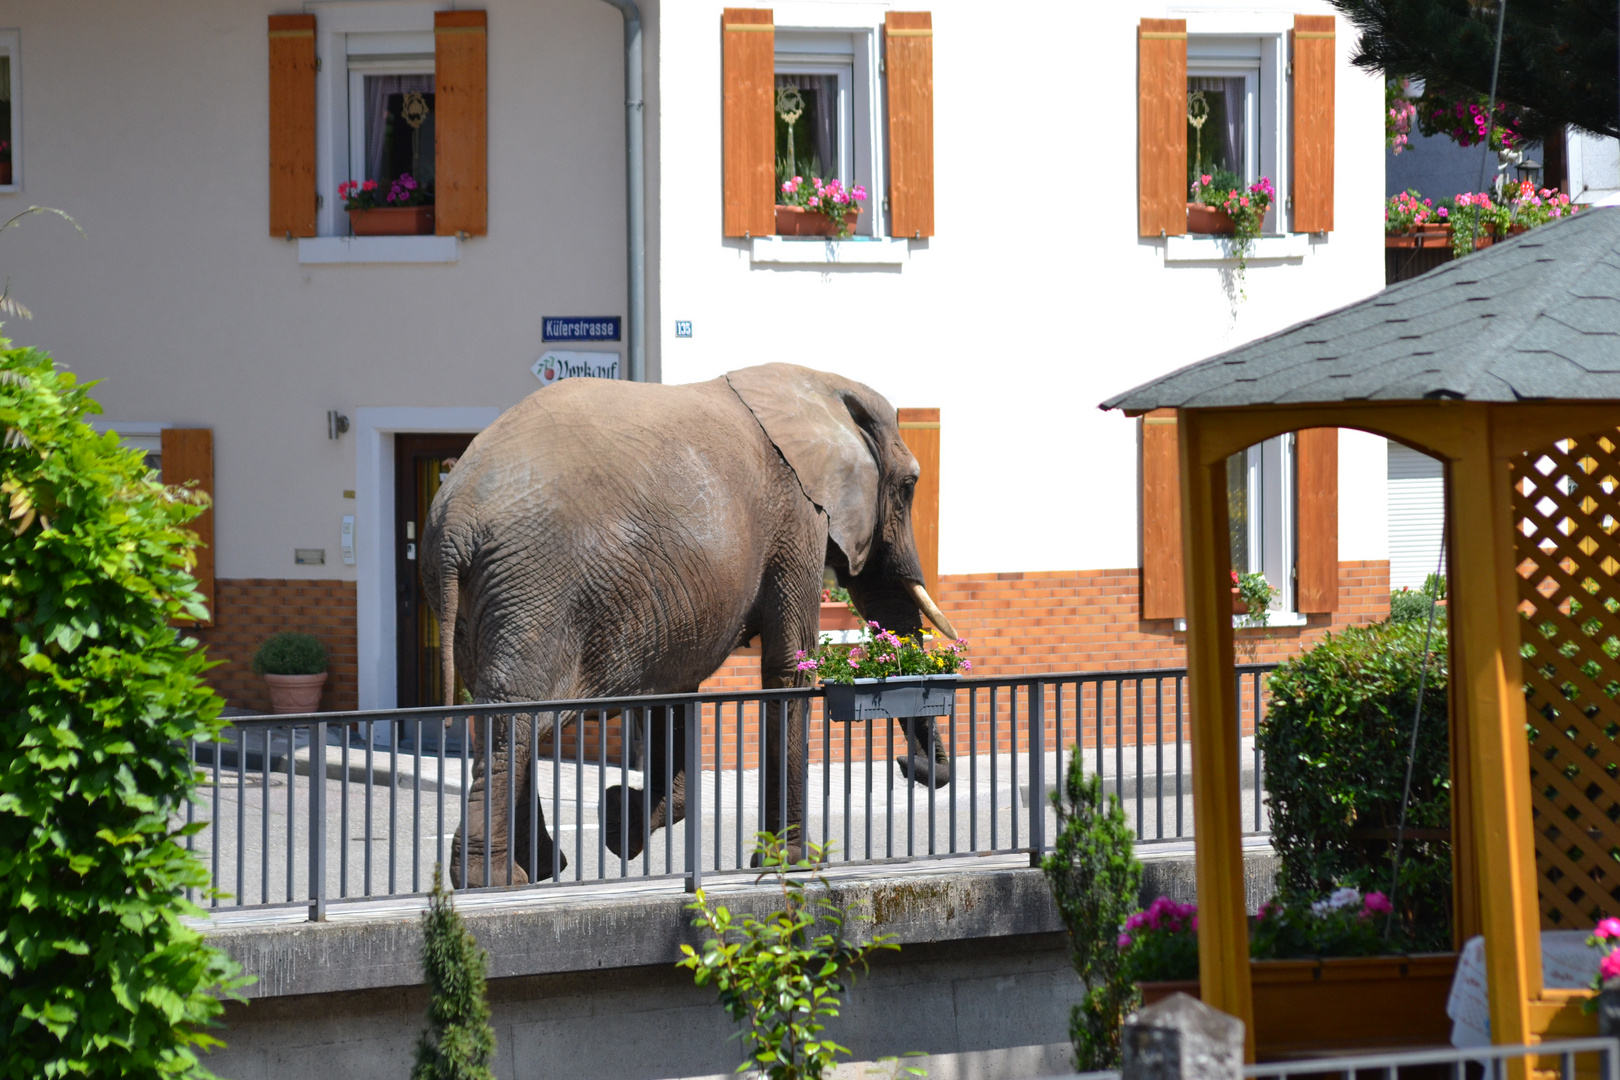 Elefant läuft durch die Straßen